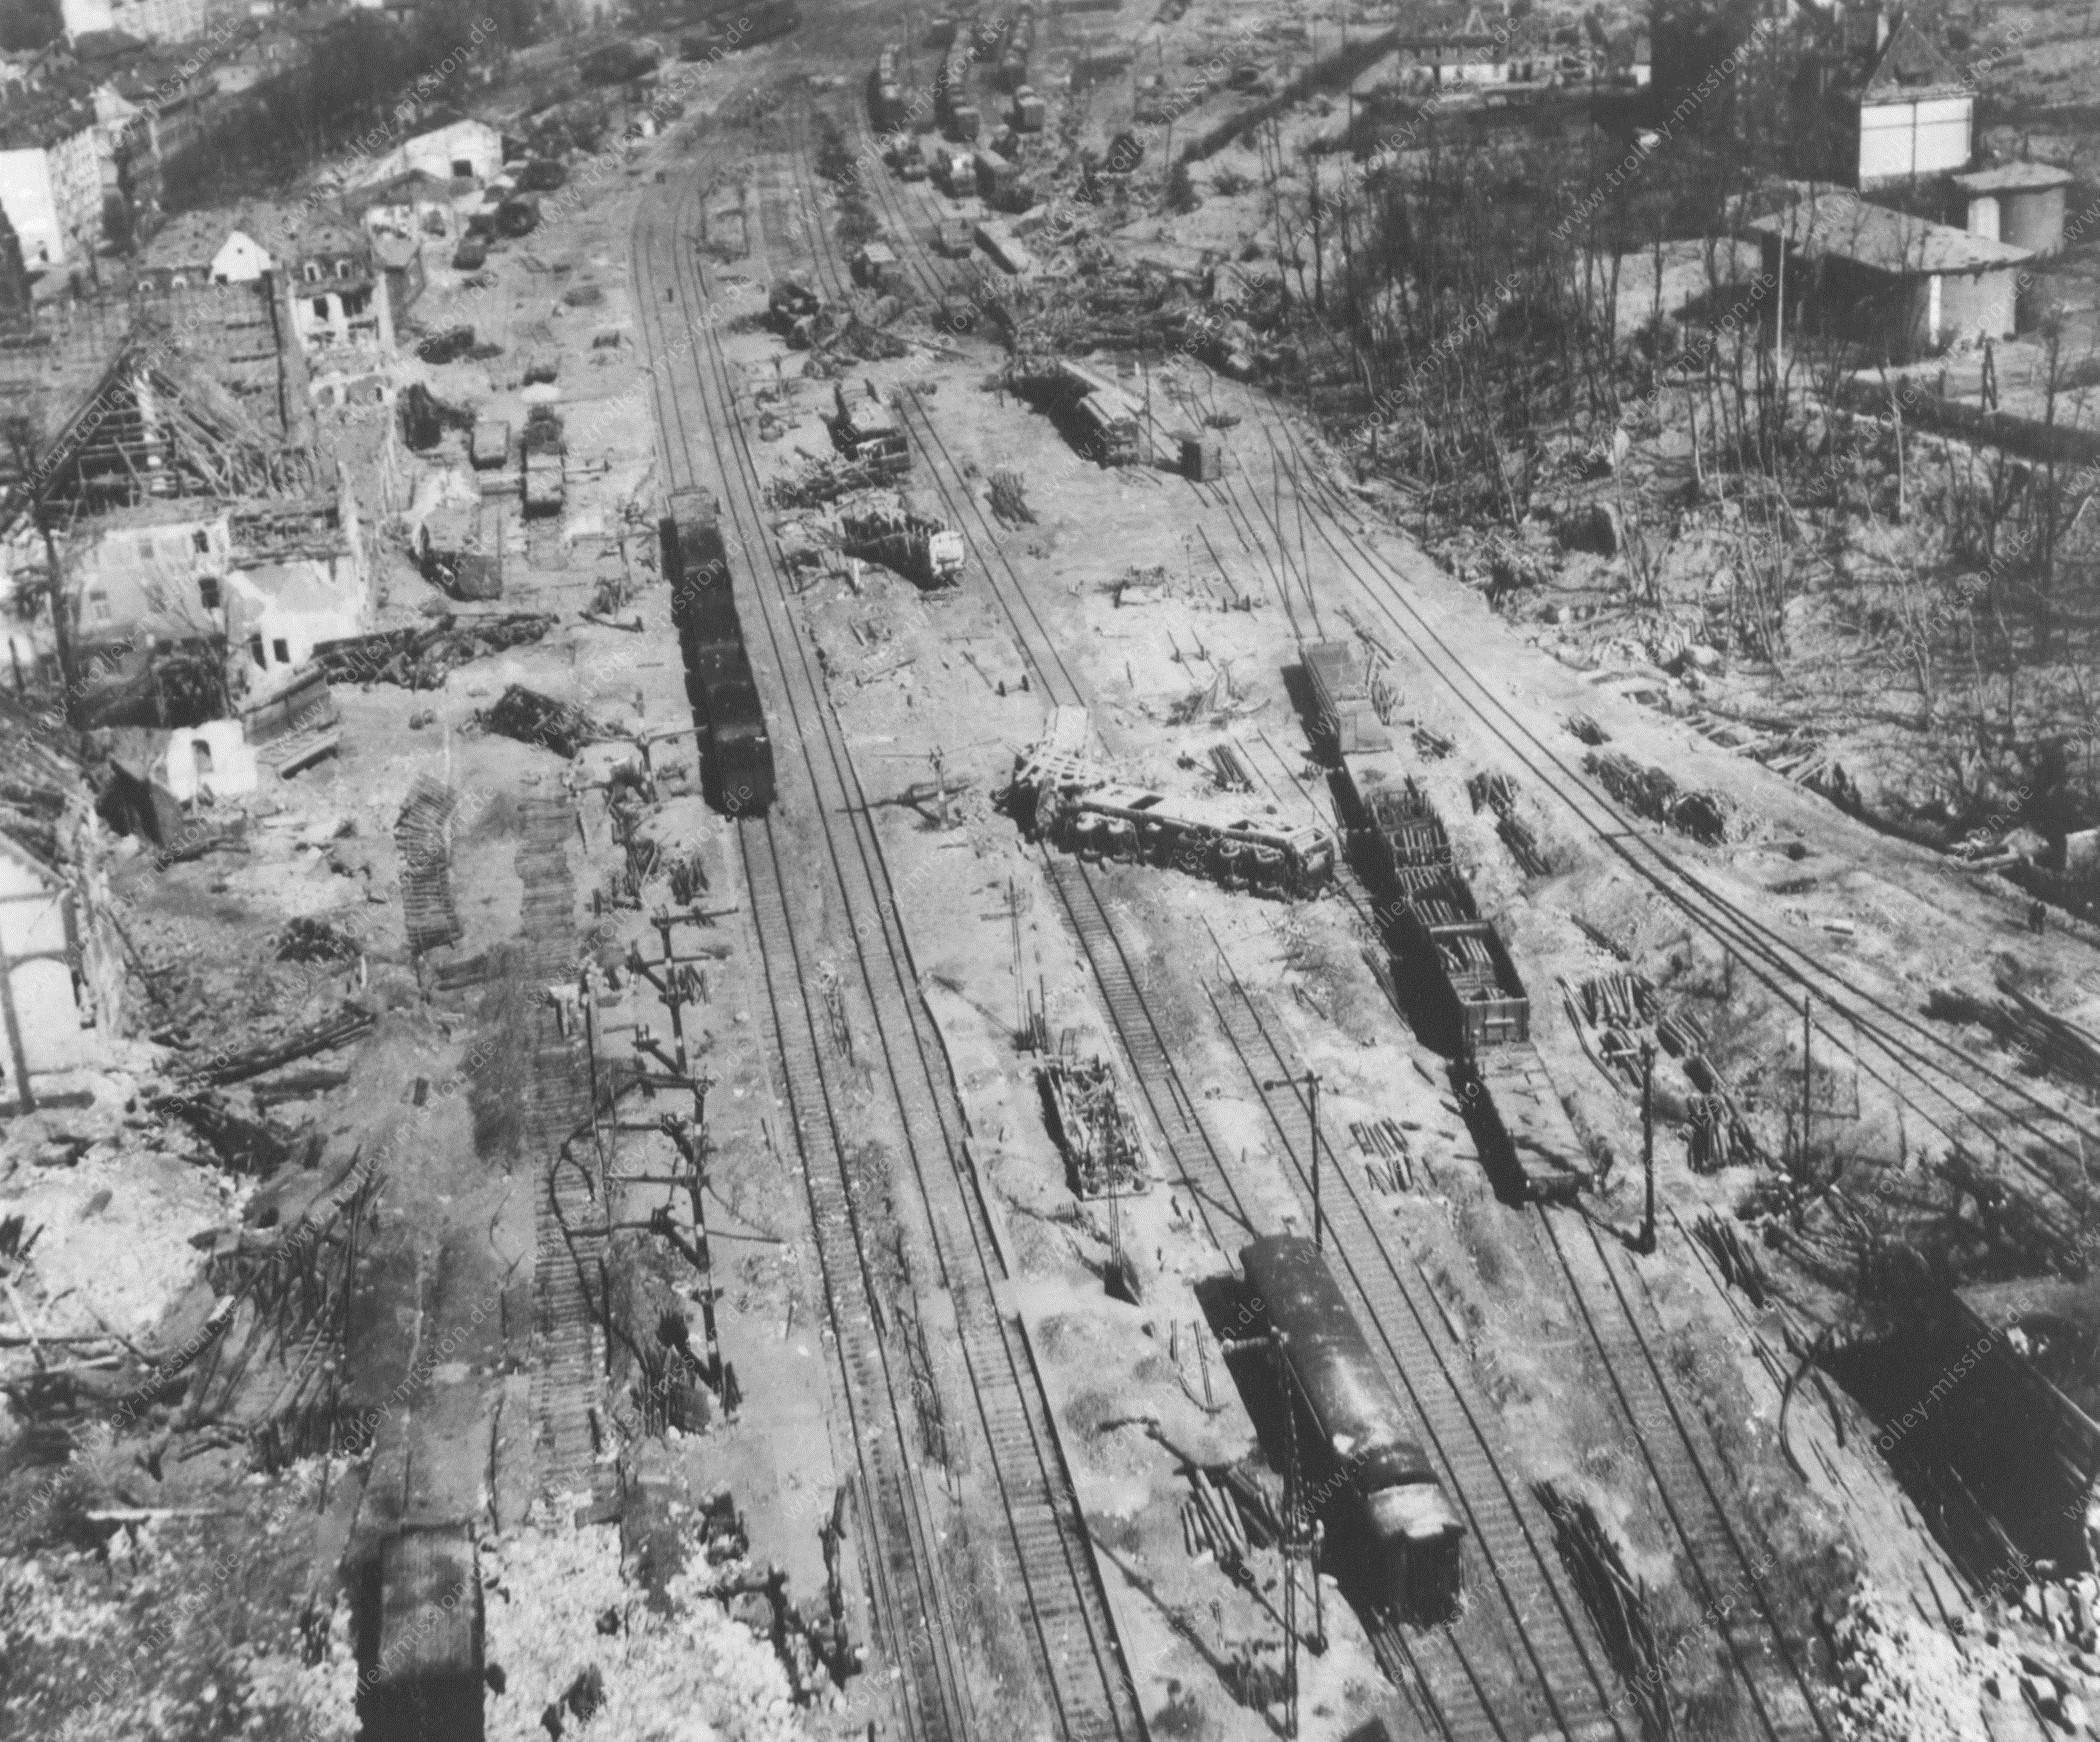 Bahnhof Marburg an der Lahn nach dem Bombenangriff im Jahre 1945